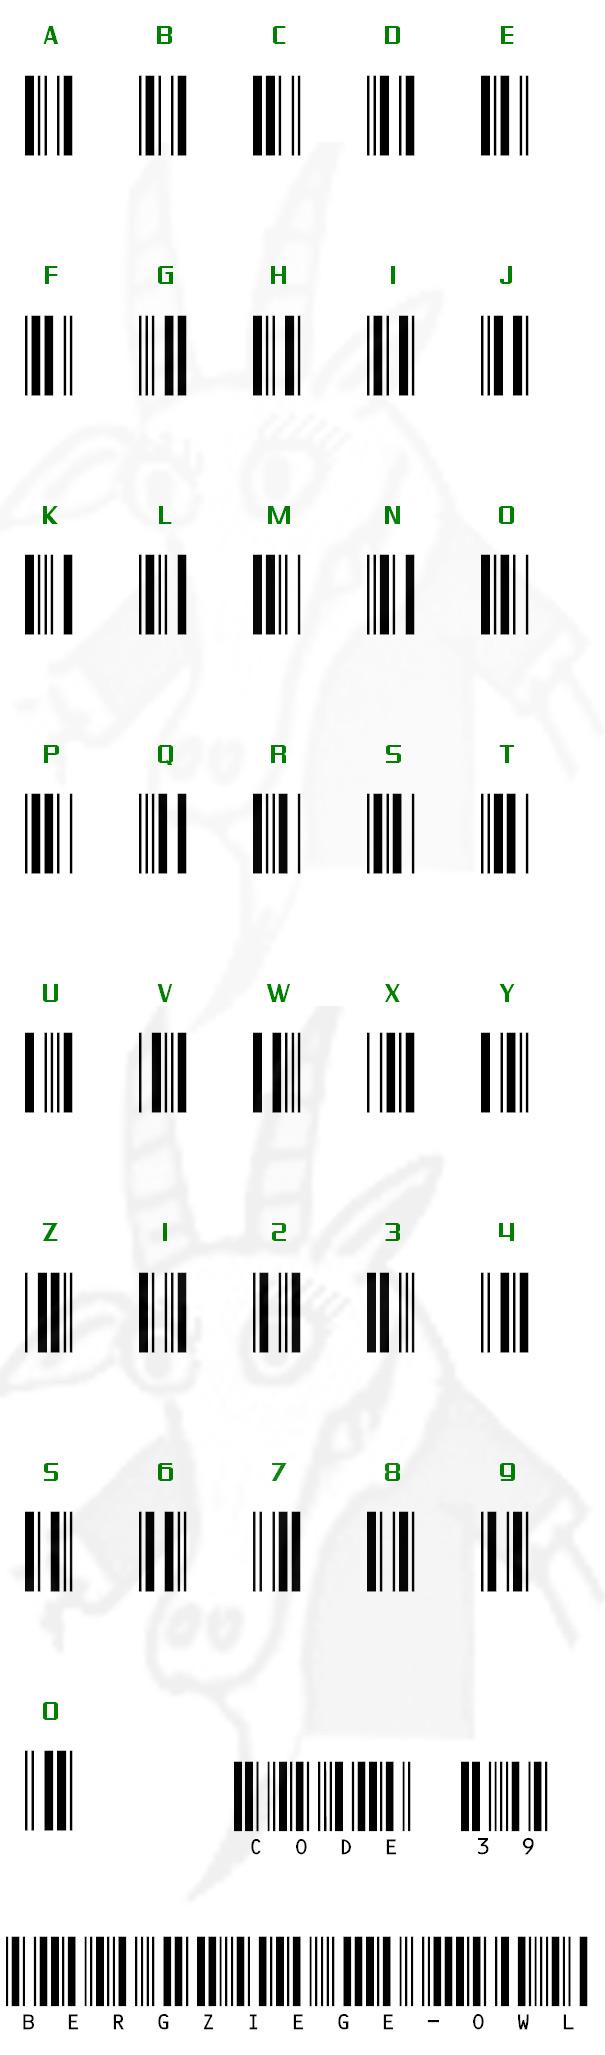 алфавит штрих-кодов